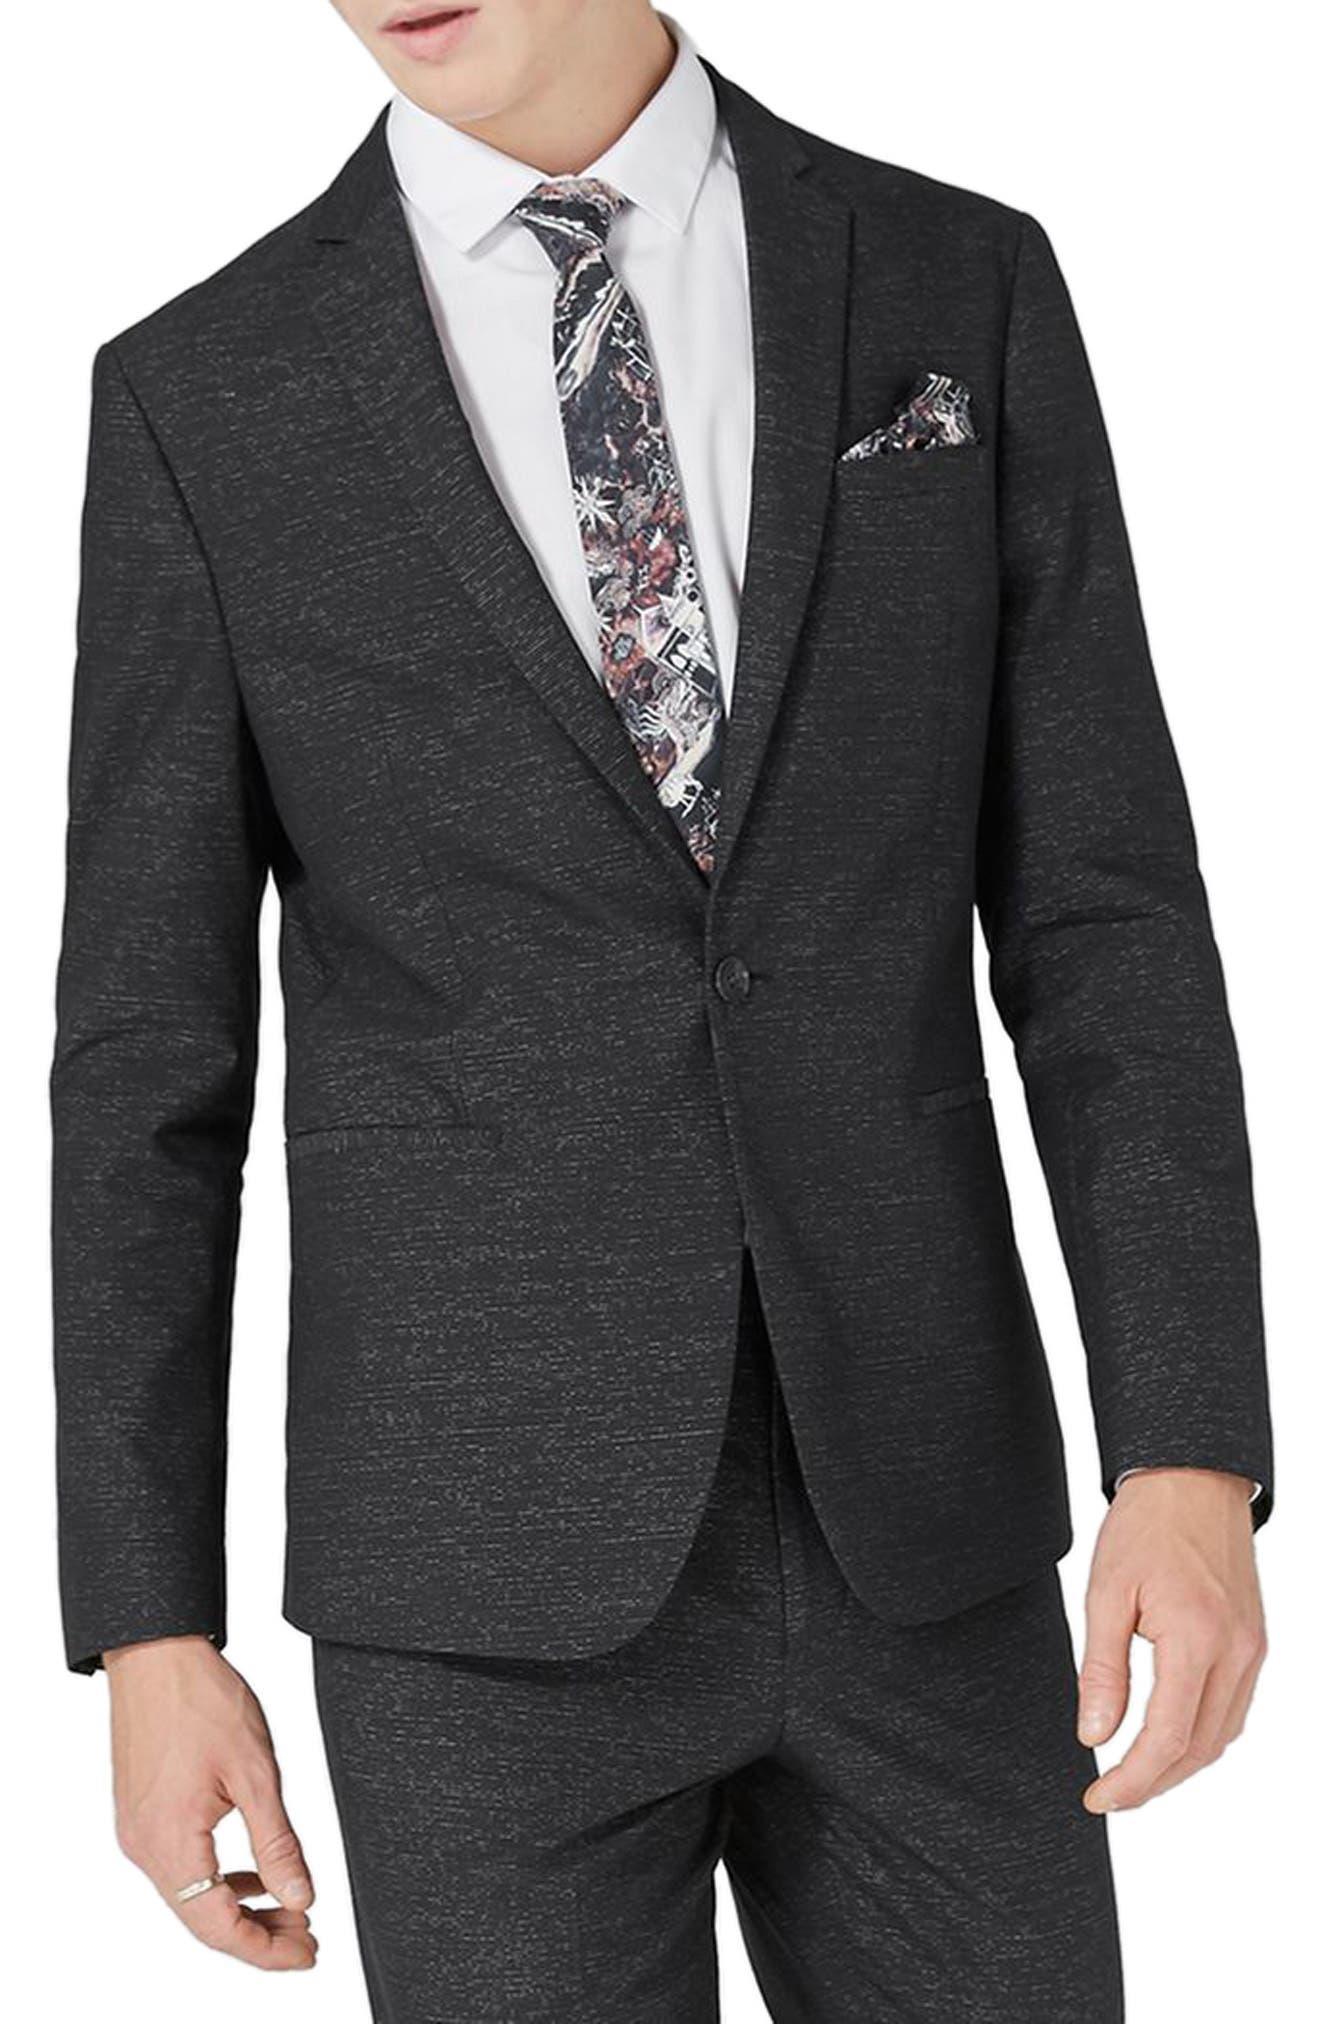 Alternate Image 1 Selected - Topman Skinny Fit Stripe Suit Jacket